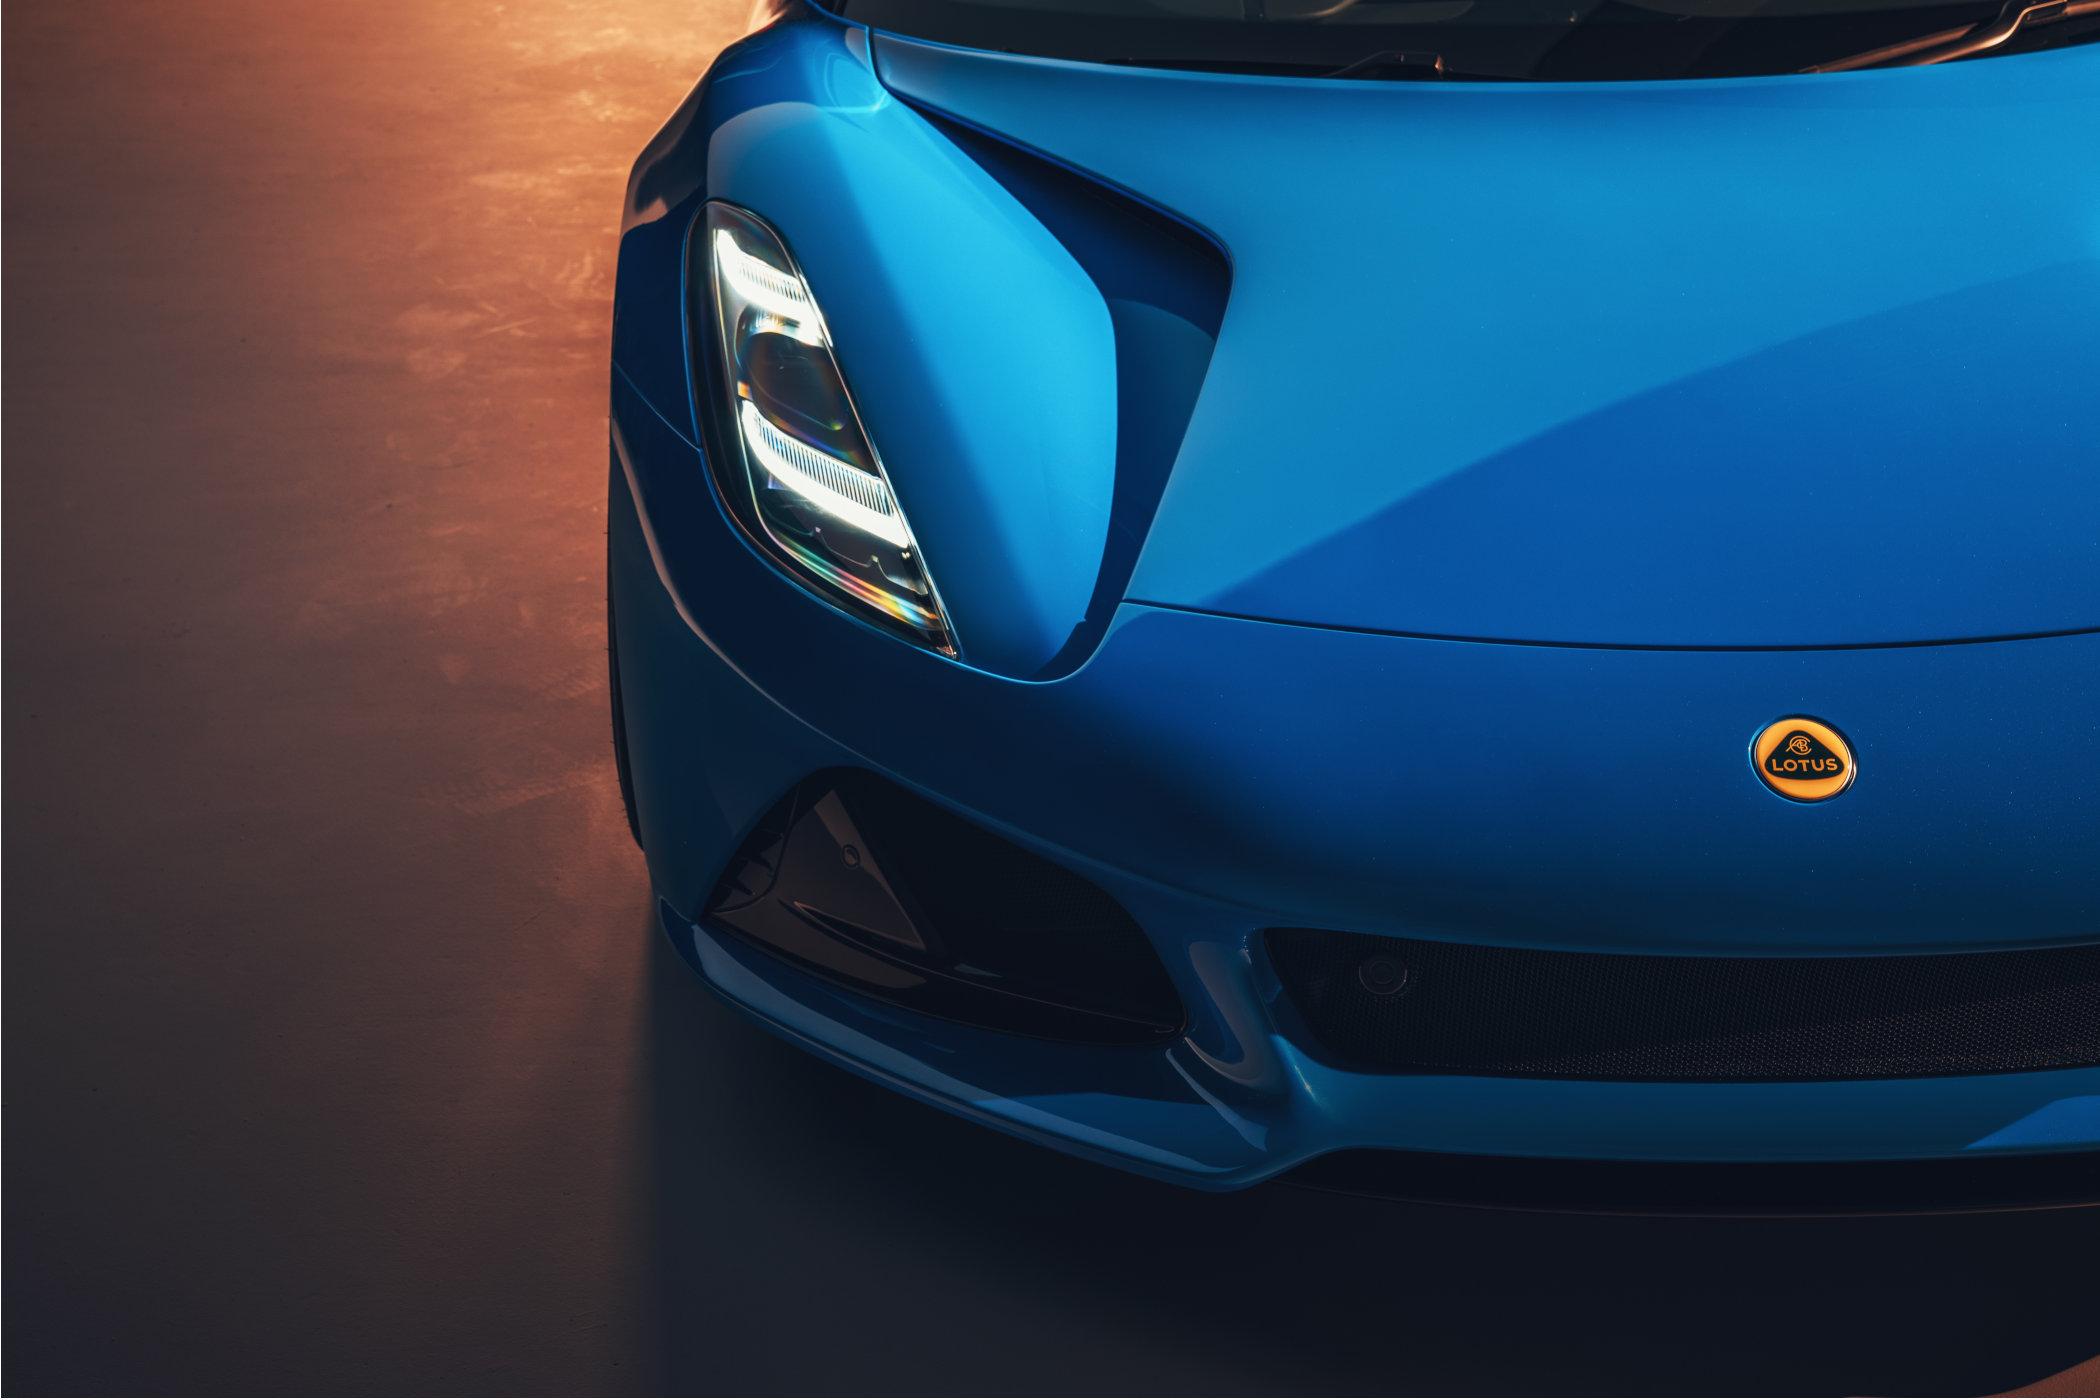 2022 Lotus Emira sportscar 7